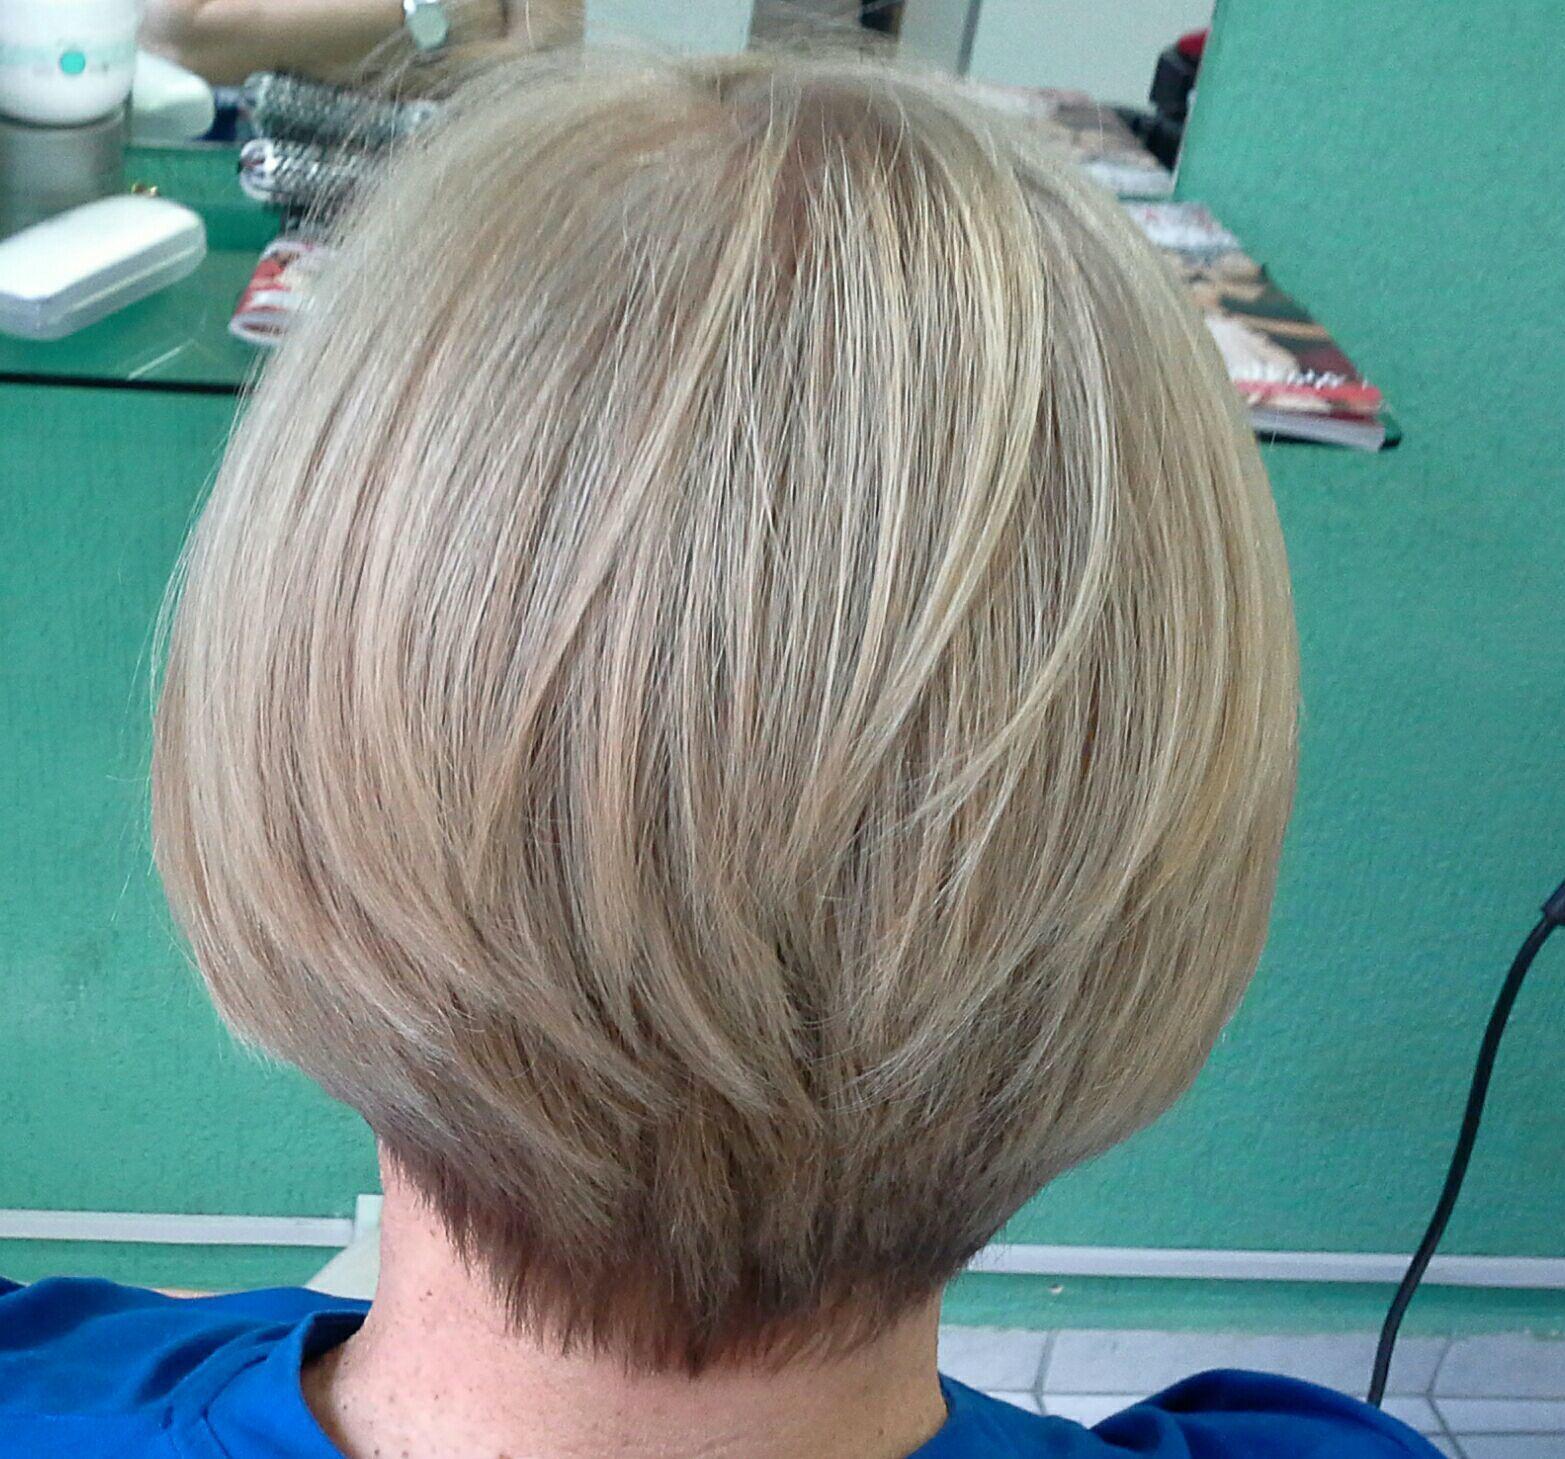 Corte chanel  curto , nuca  batida  com navalha cabelo stylist / visagista cabeleireiro(a)